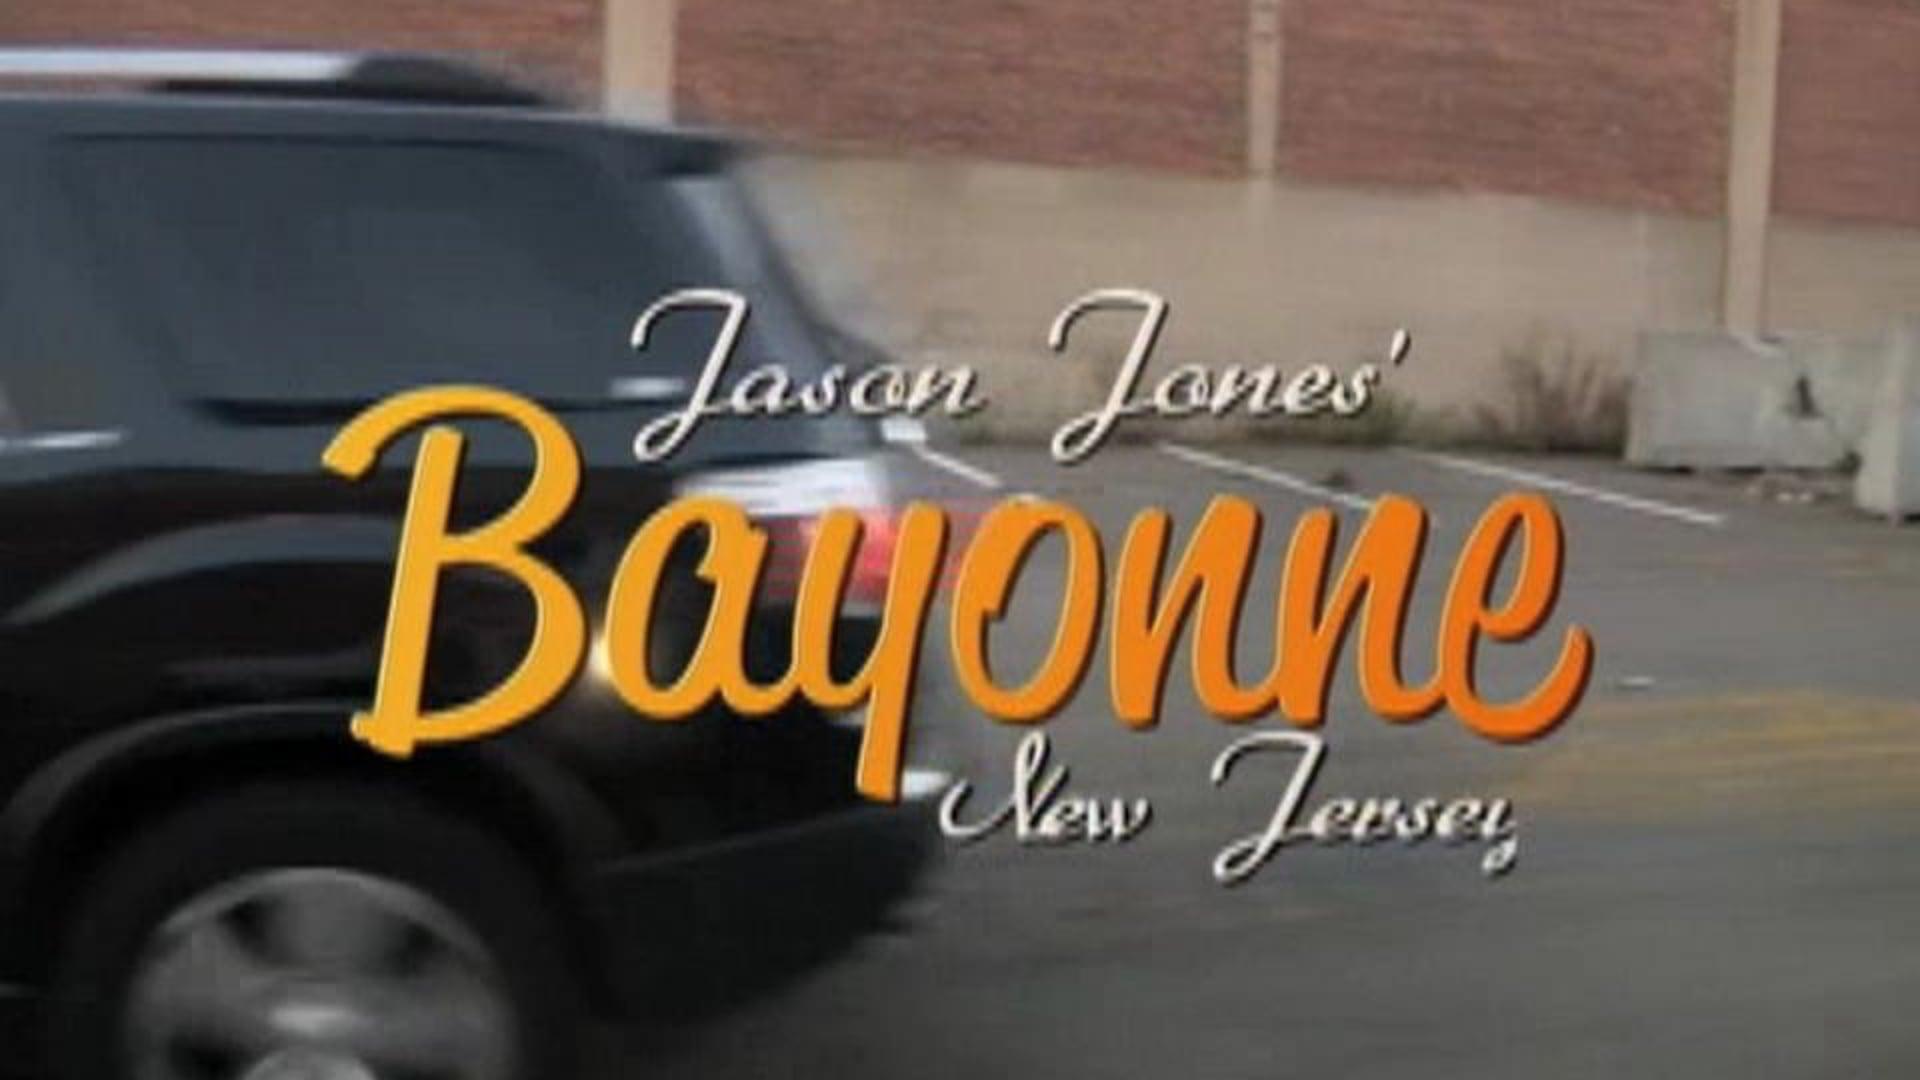 Jason Jones' Bayonne